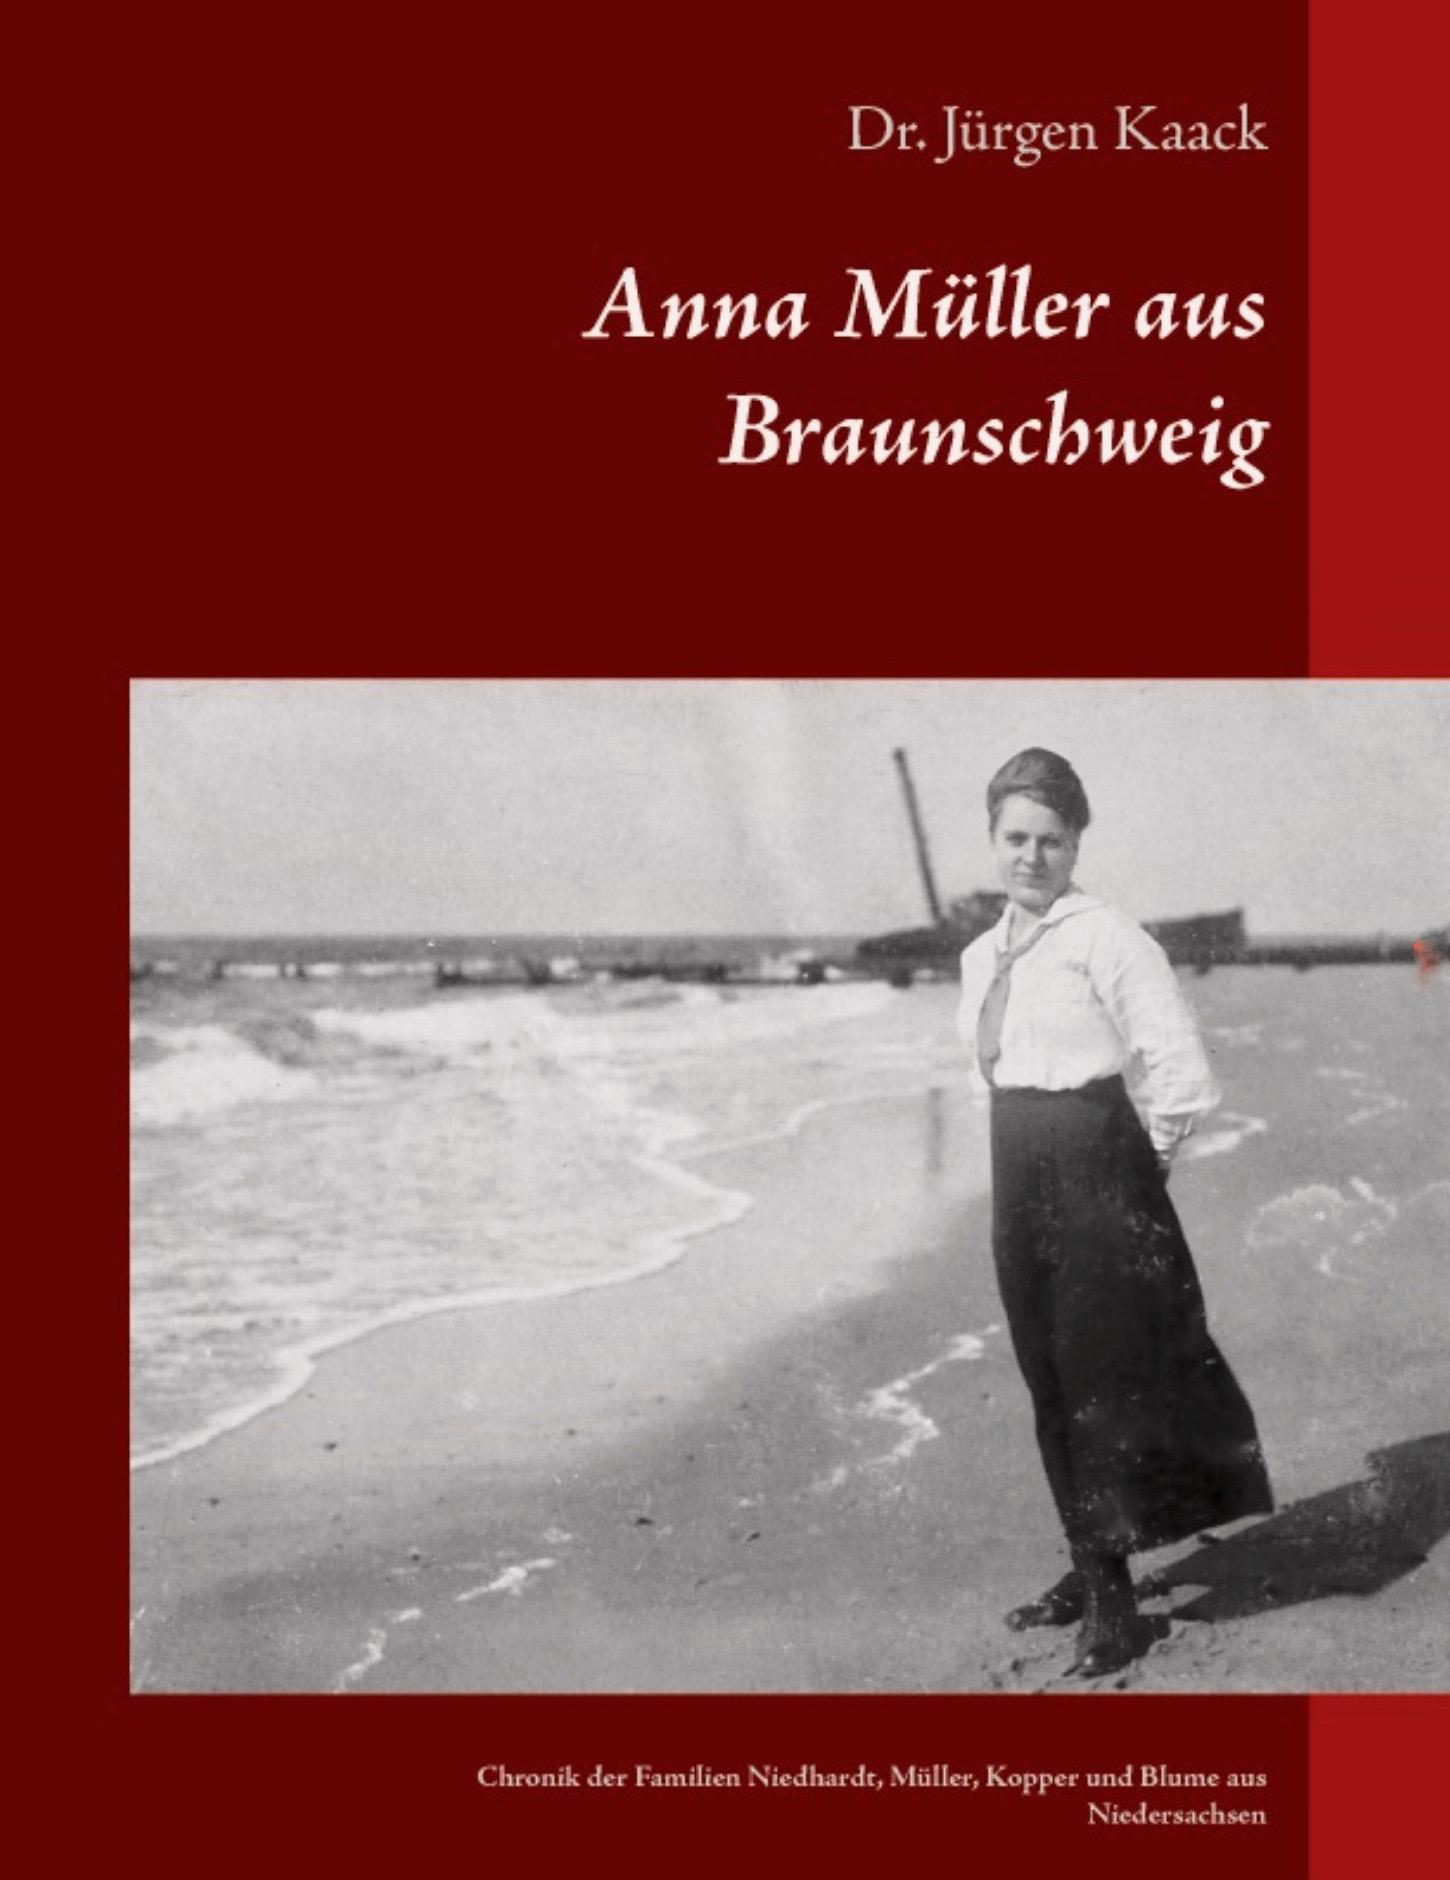 Anna Müller hat die längste Zeit ihres Lebens in Westerland verbracht, geboren wurde sie in Braunschweig und ihre Jugend verbrachte sie in Hamburg. In ihre Lebenszeit fielen beiden Weltkriege. Ihre Vorfahren lebten seit 1600 in Braunschweig, Bad Gandersheim und im Harz Vorland.